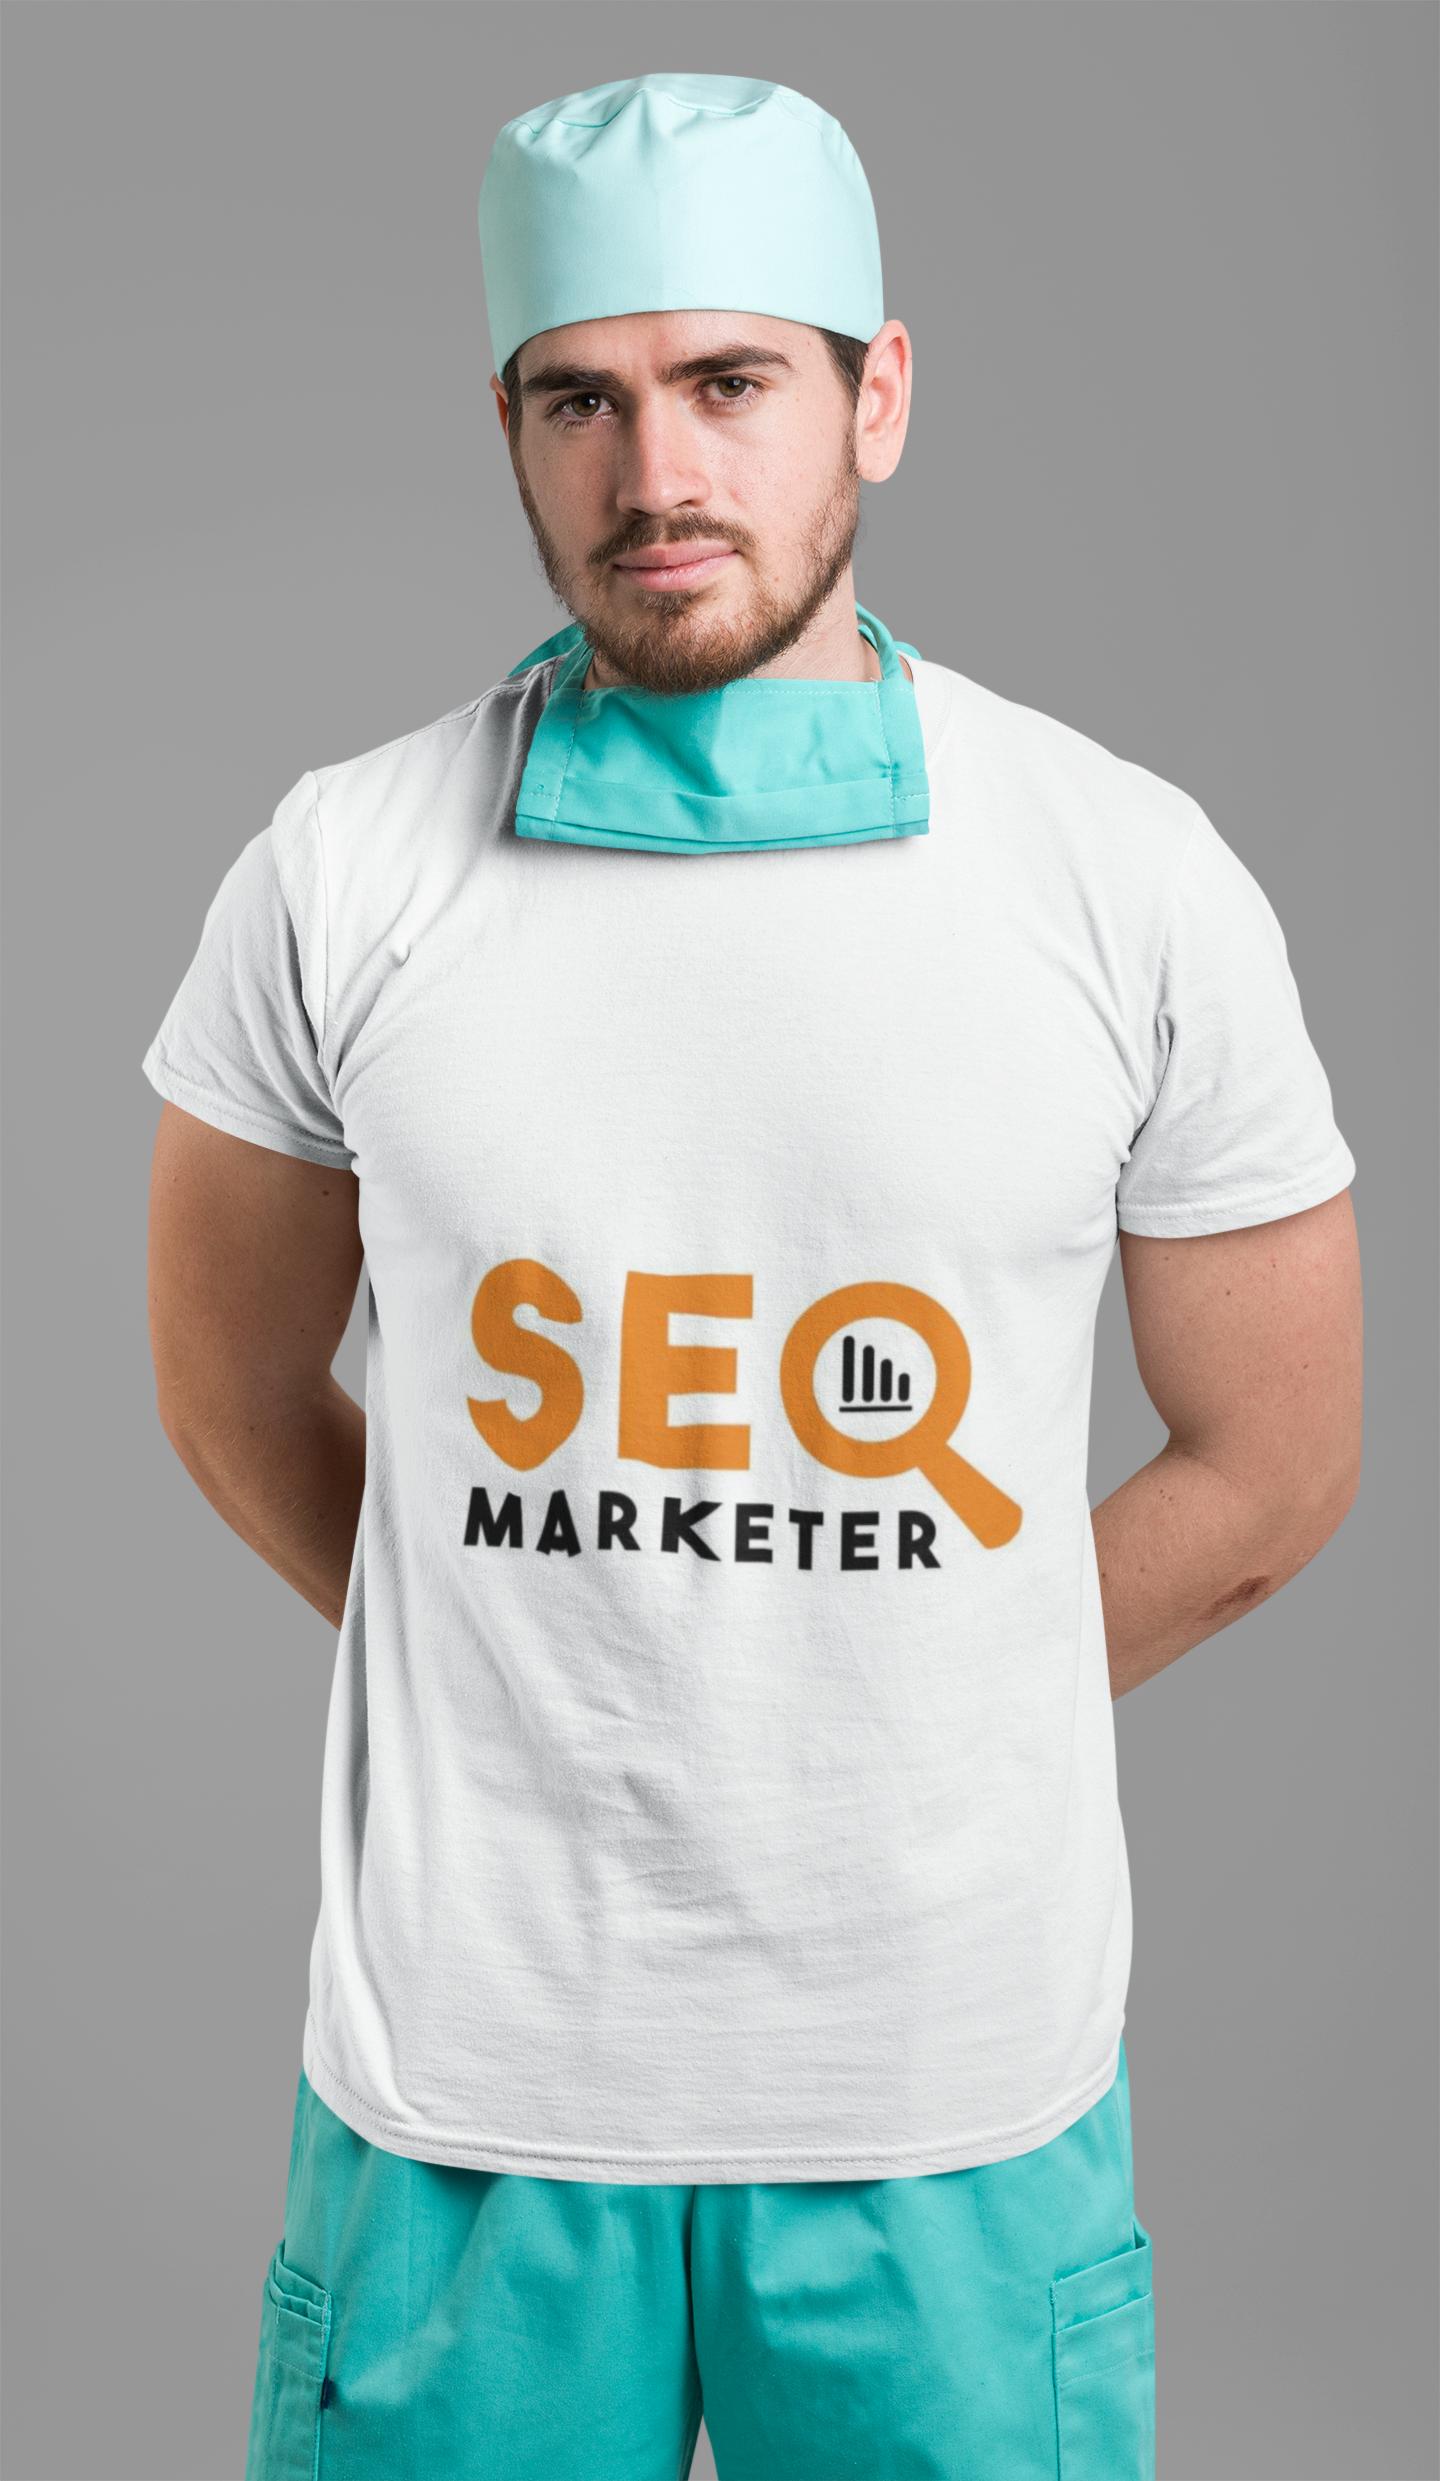 Κατασκευή Ιατρικών Ιστοσελίδων, Προώθηση ιστοσελίδων SEO Marketer